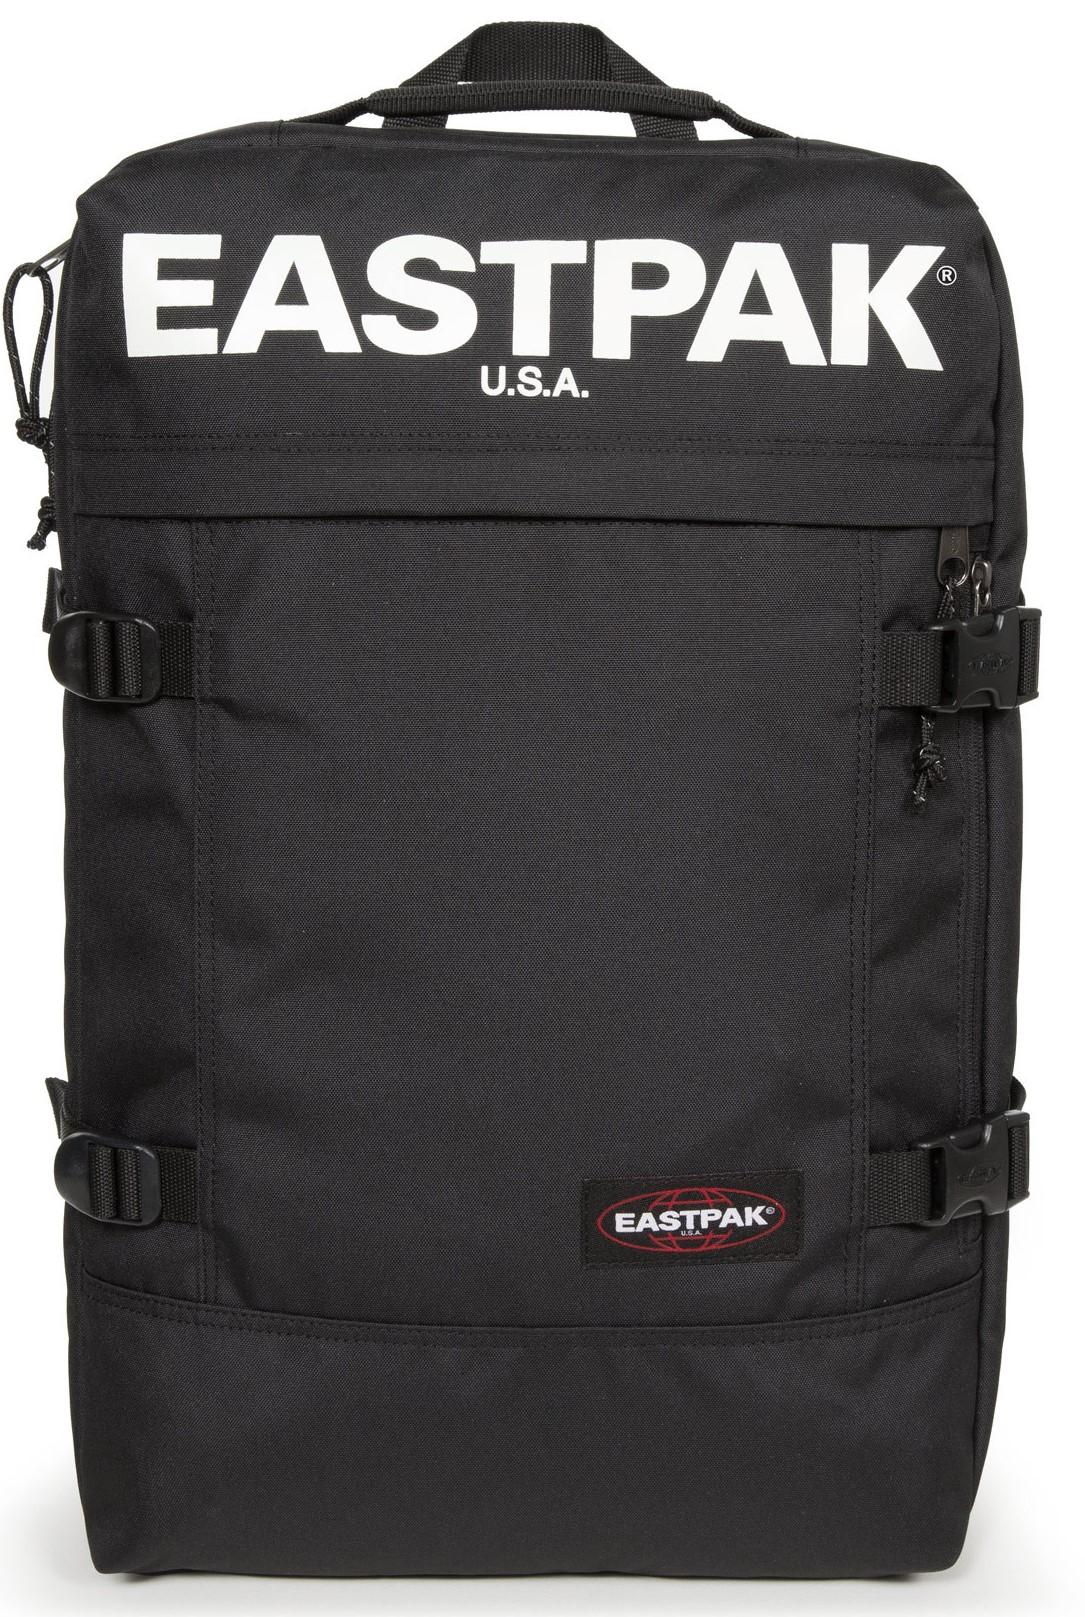 Τσάντα Πλάτης Tranzpack Bold Brand Eastpak EK13EA16 Μαύρο